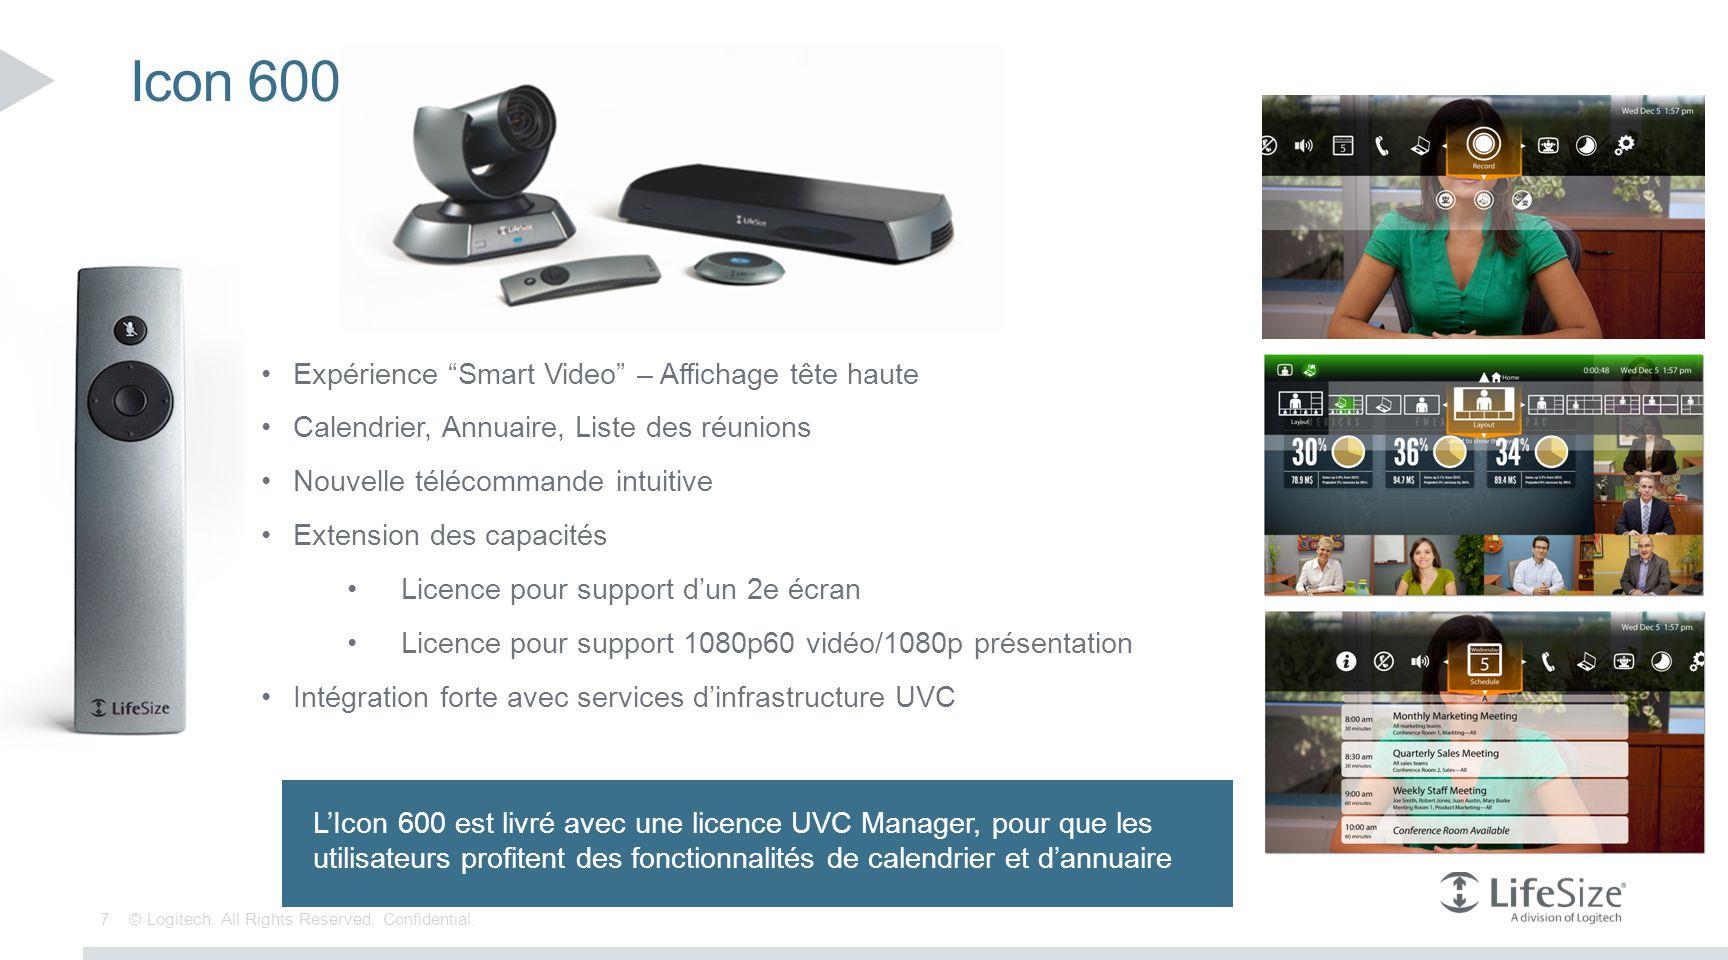 Icon 600 Expérience Smart Video – Affichage tête haute